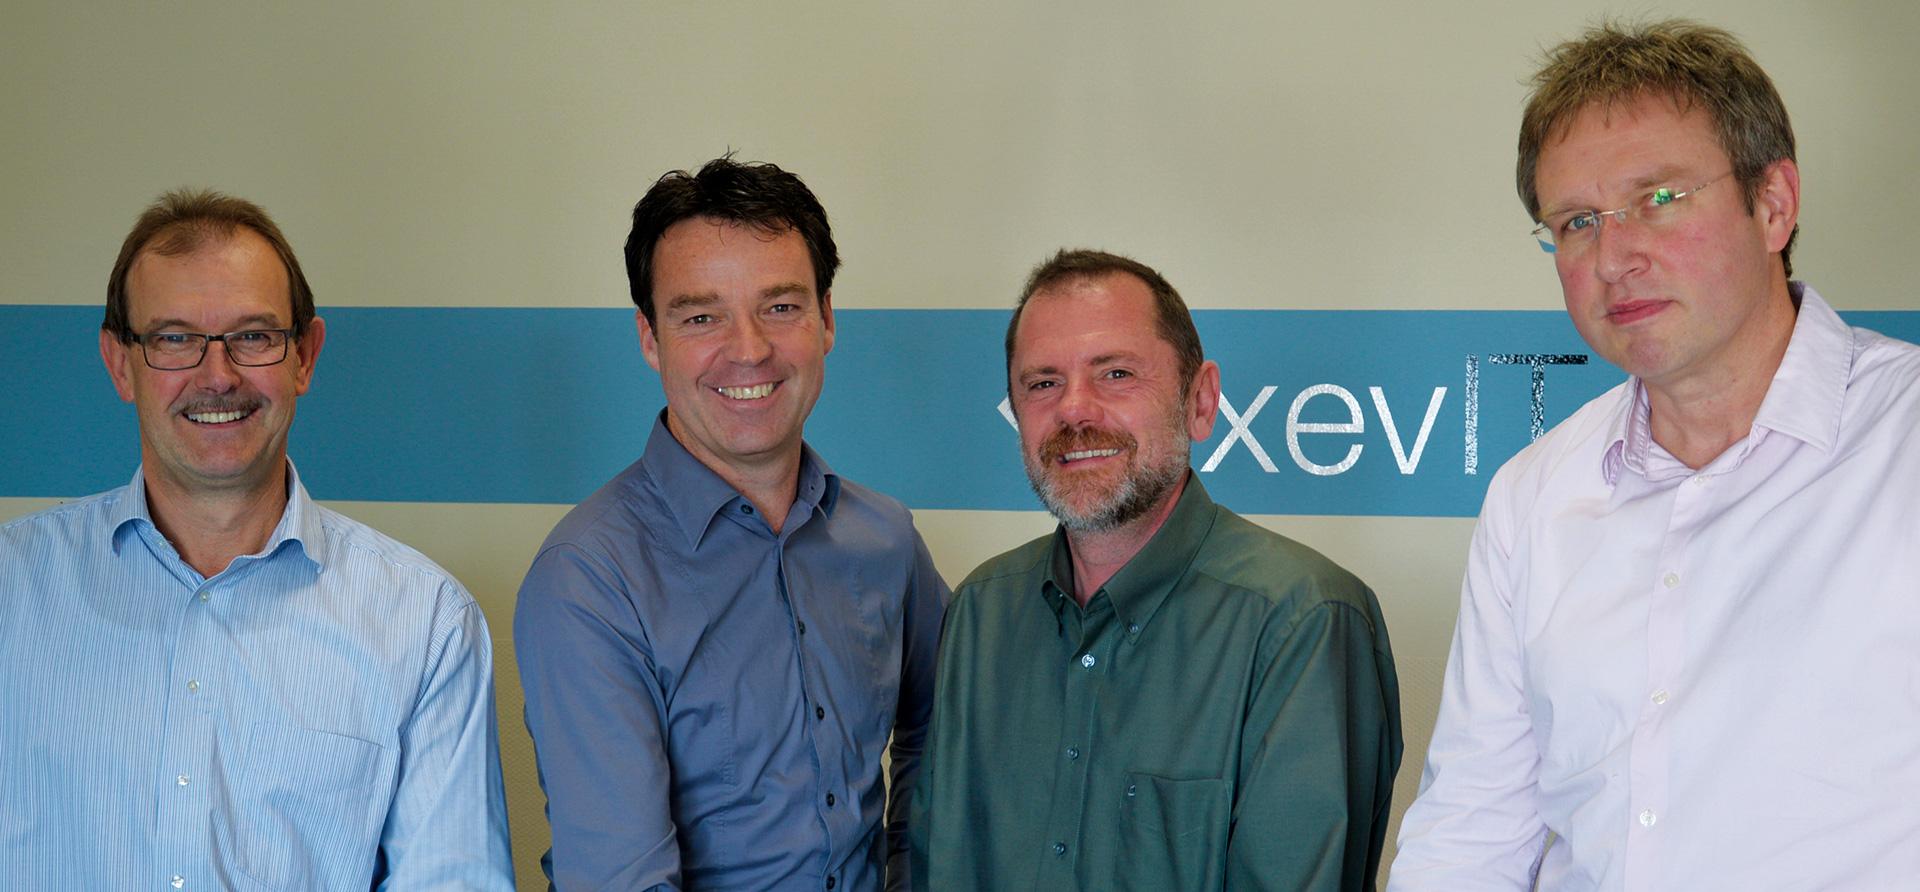 xevIT founders